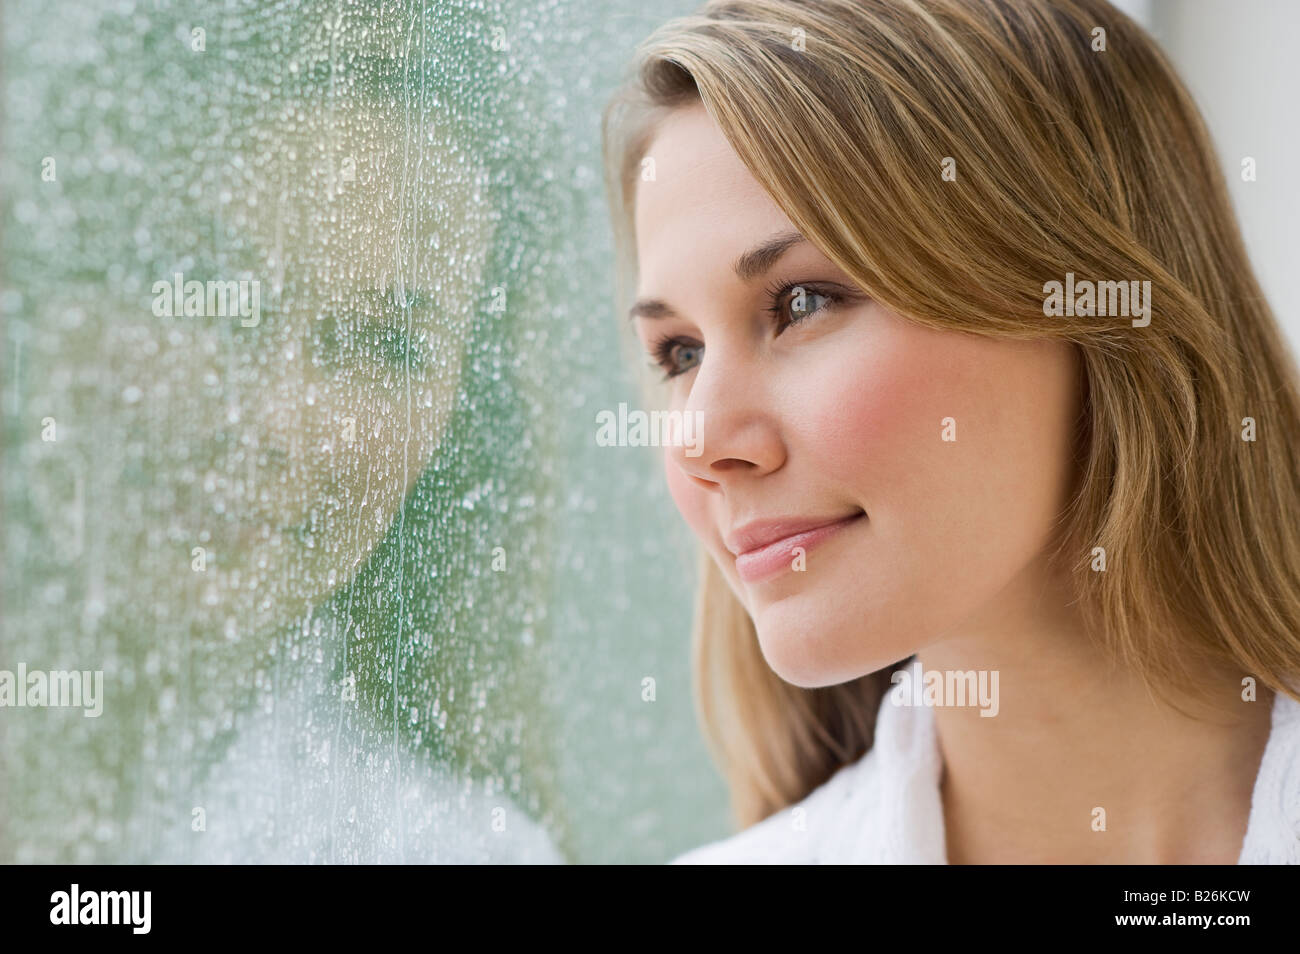 Donna che guarda fuori la finestra delle piogge Immagini Stock